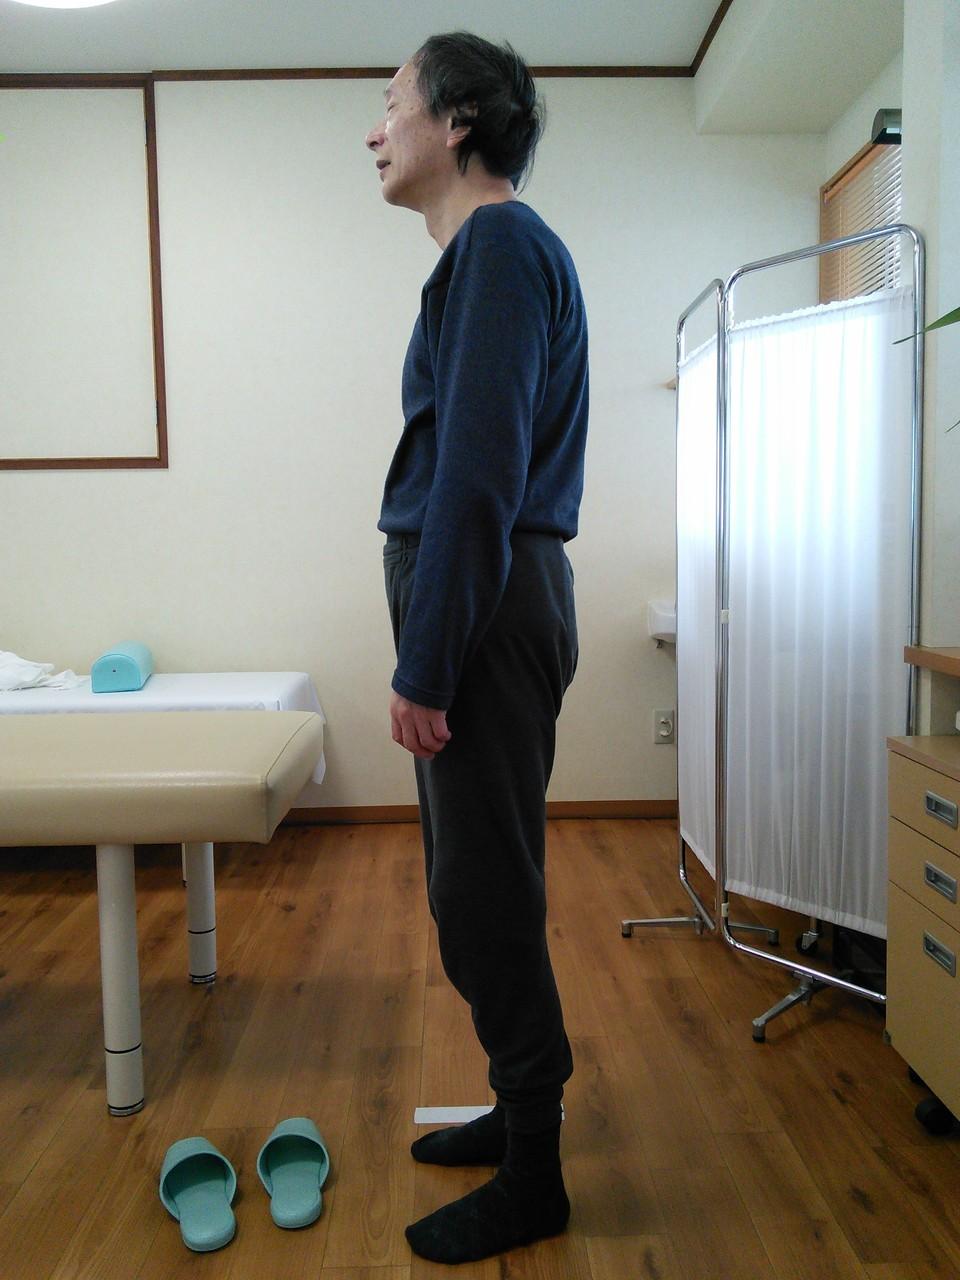 施術後、姿勢確認写真